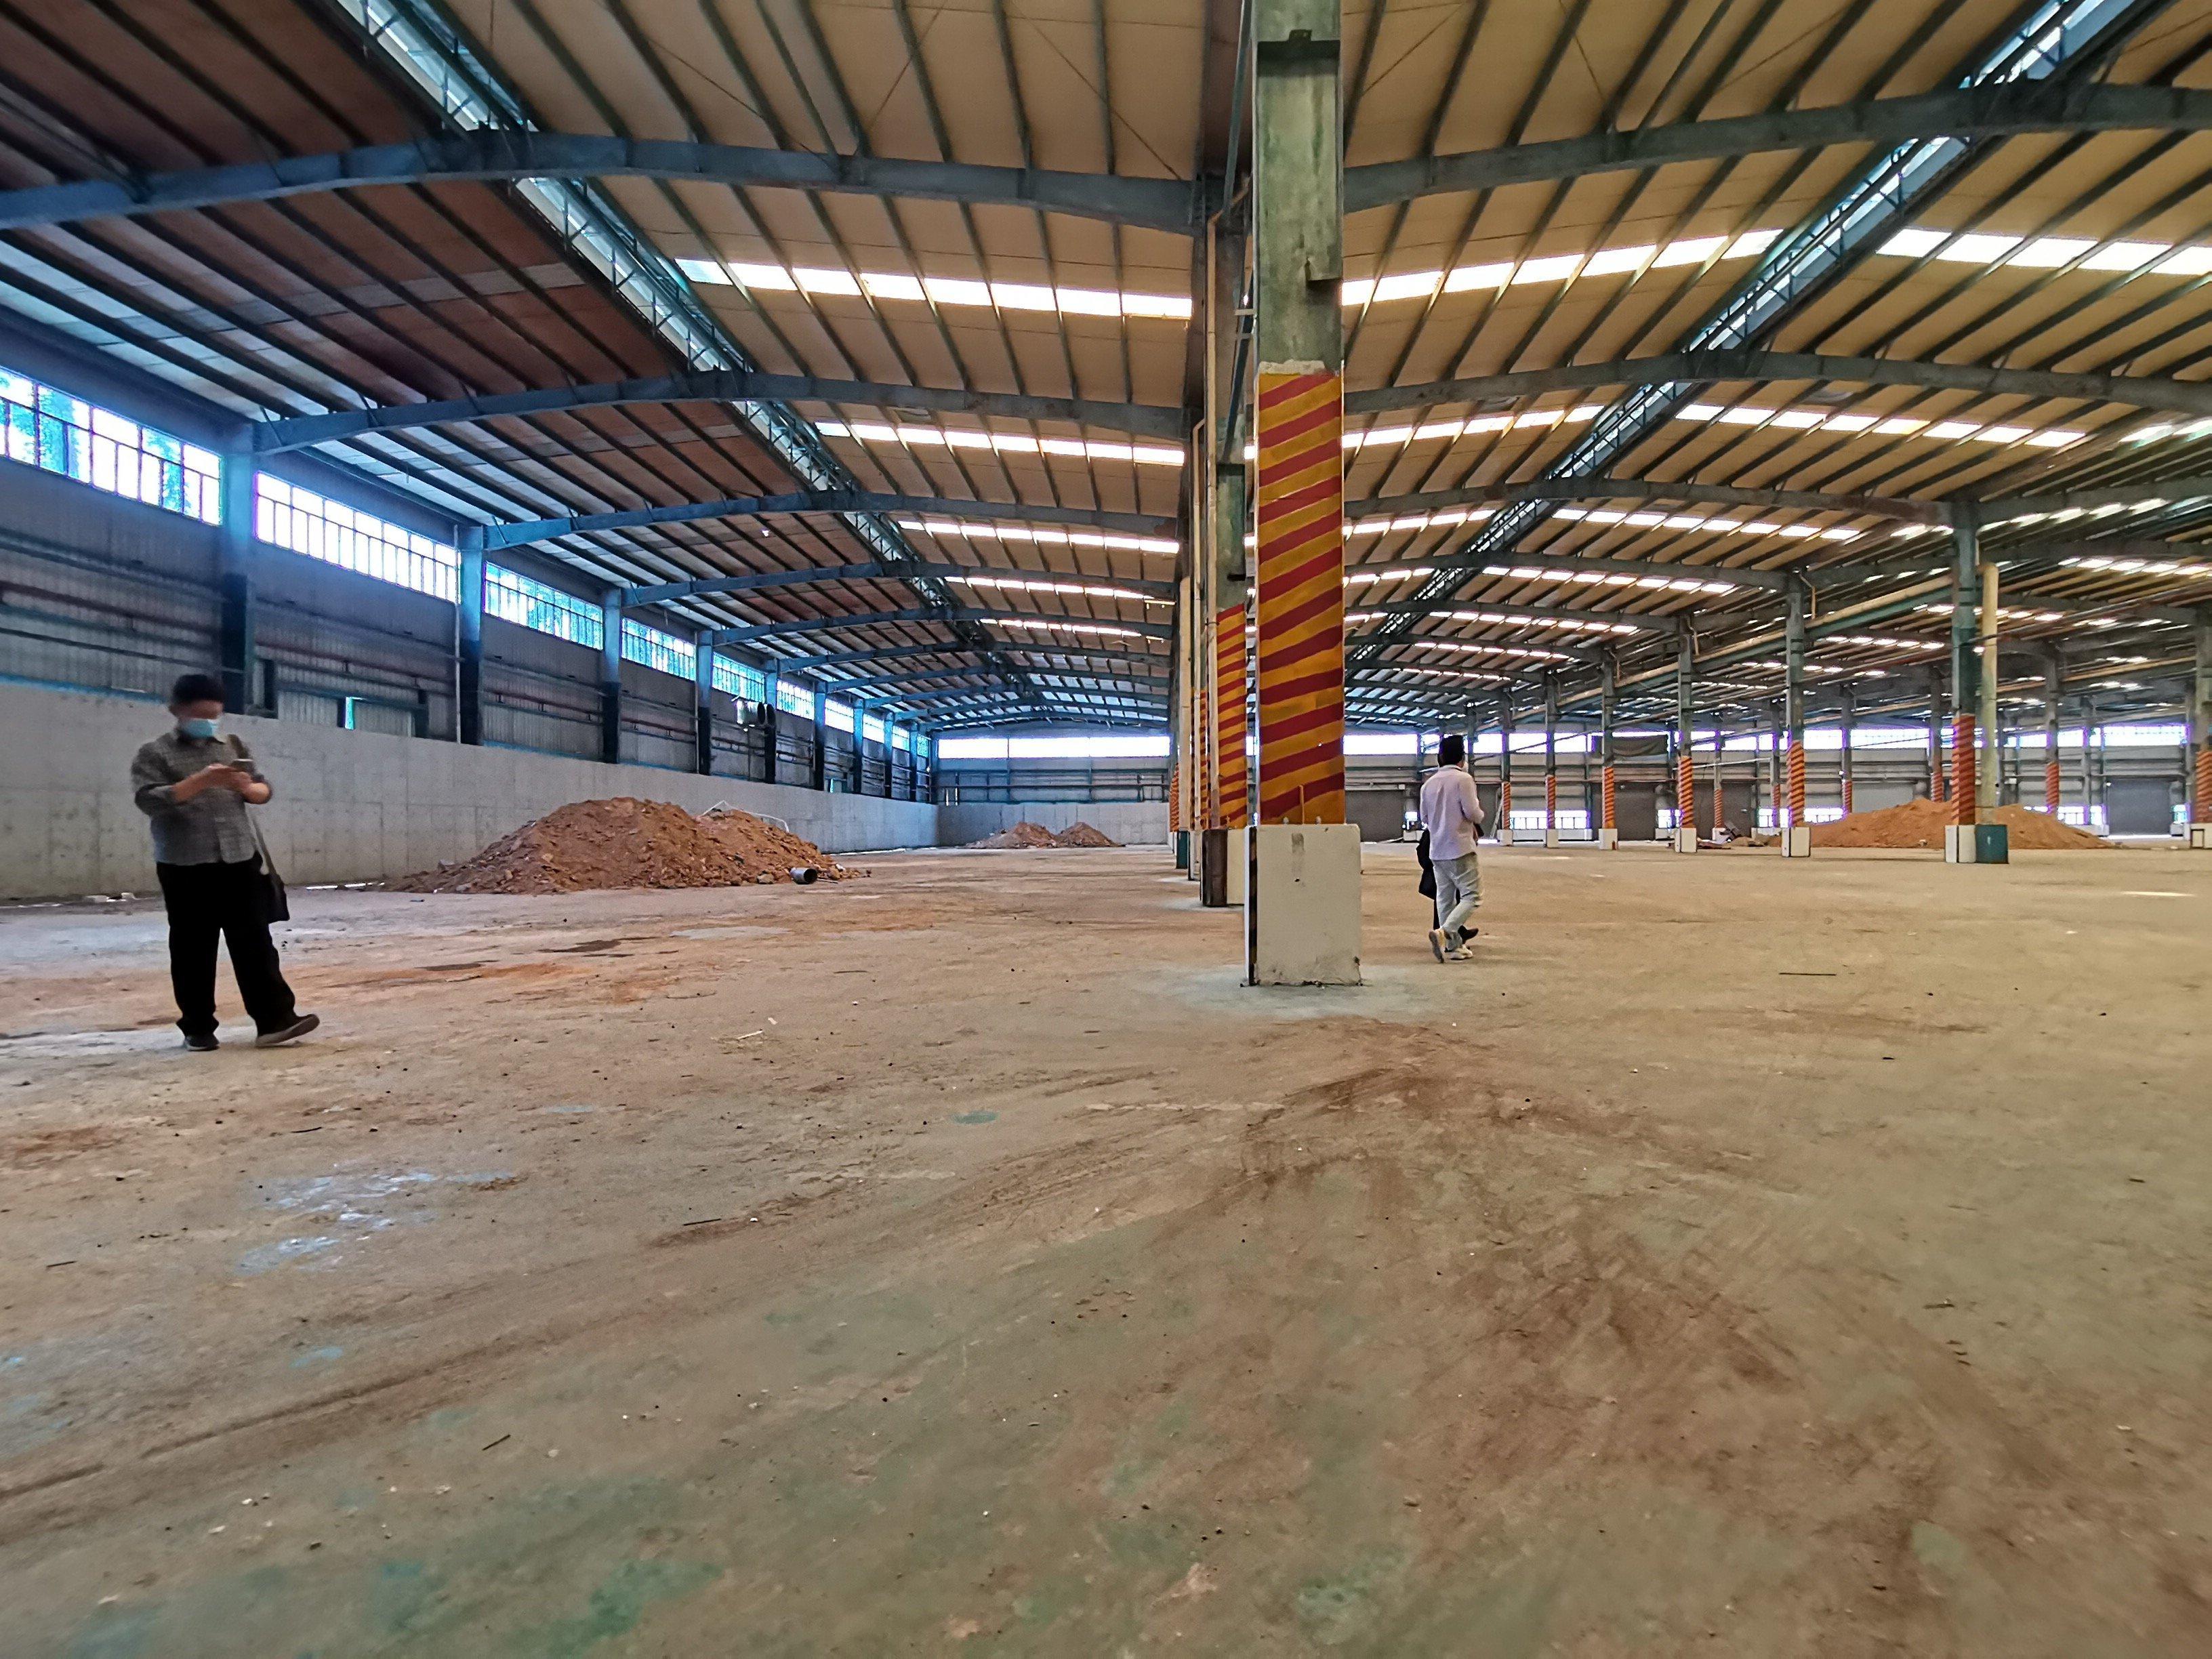 深圳市坪山区聚龙山23000平米钢结构厂房仓库出租